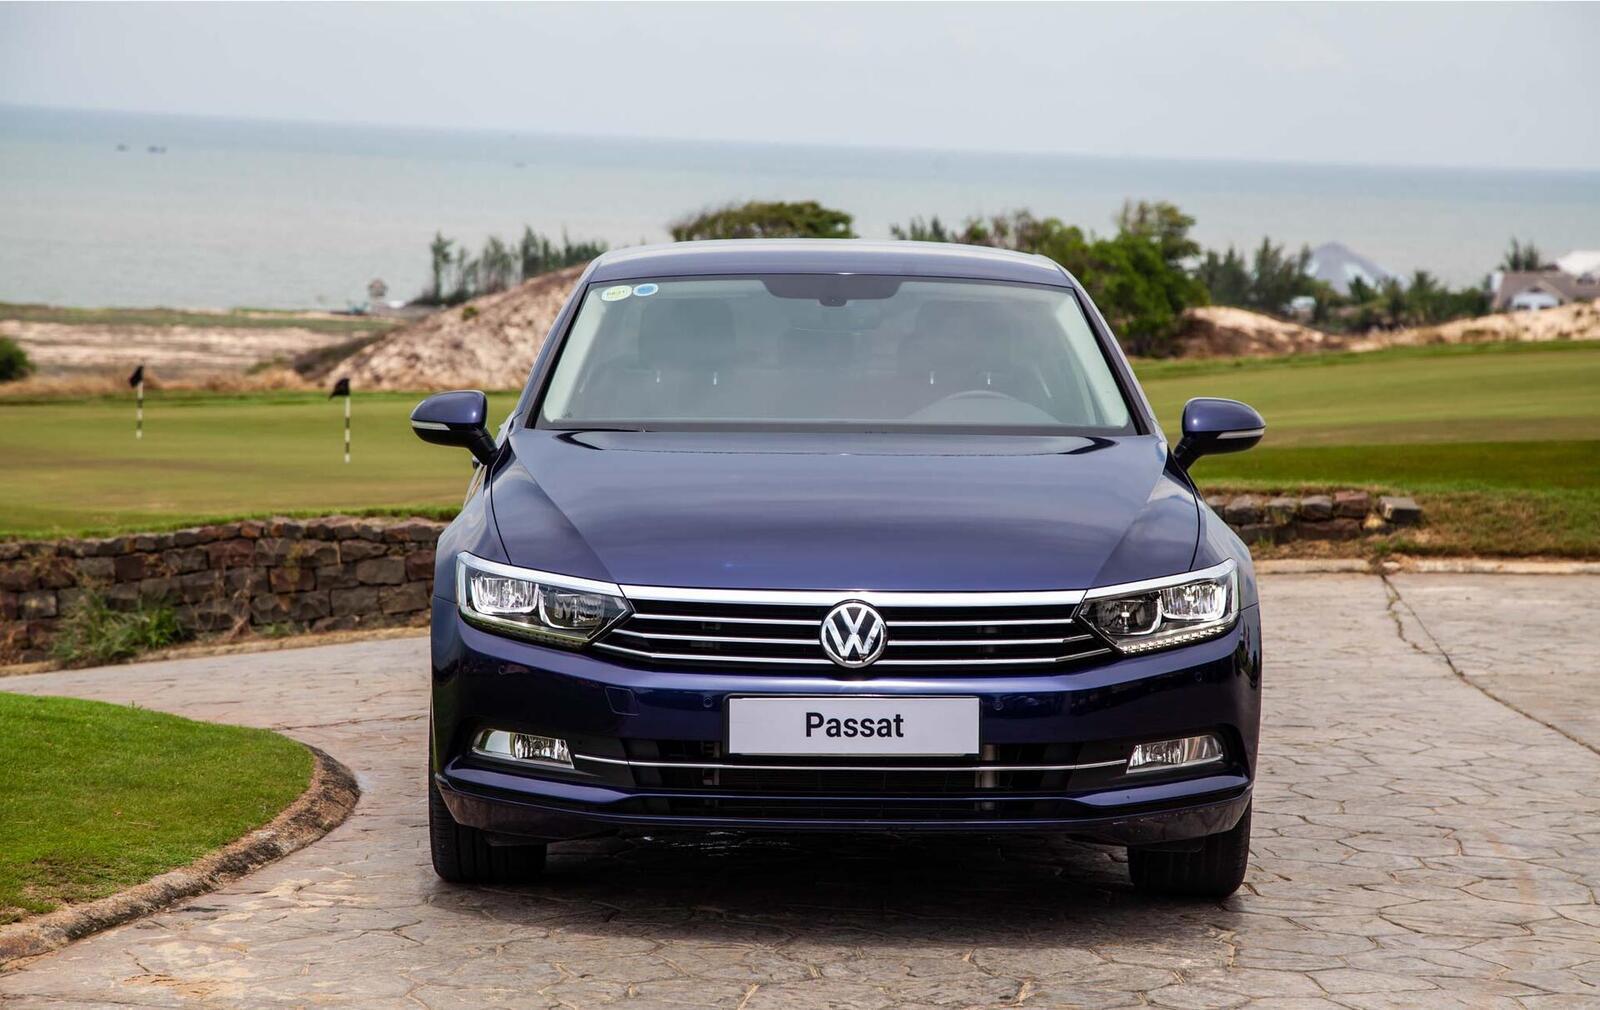 Volkswagen Passat Bluemotion: Lựa chọn xe Đức duy nhất trong phân khúc - Hình 2